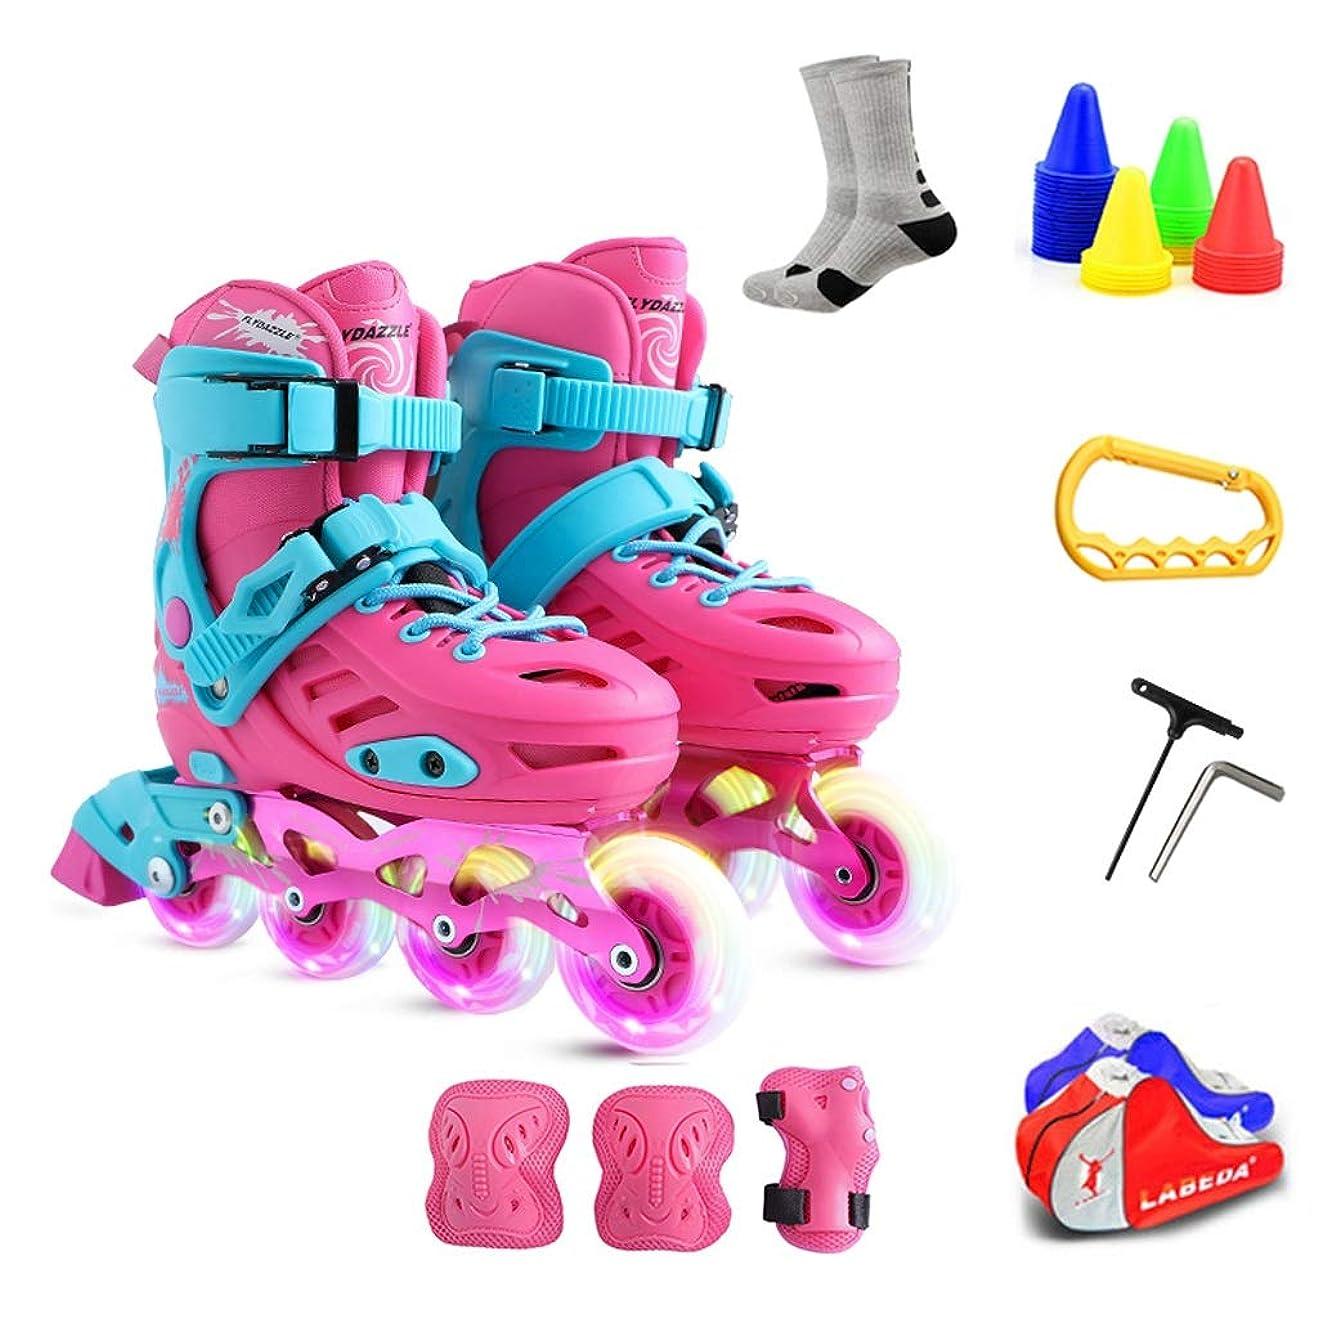 弾性パケット白鳥ZHANGHAIMING 子供用インラインスケート、フラッシュボーイズとガールズアジャスタブル単列スケート、27?38ヤードブルーピンク (Color : Pink, Size : 36)